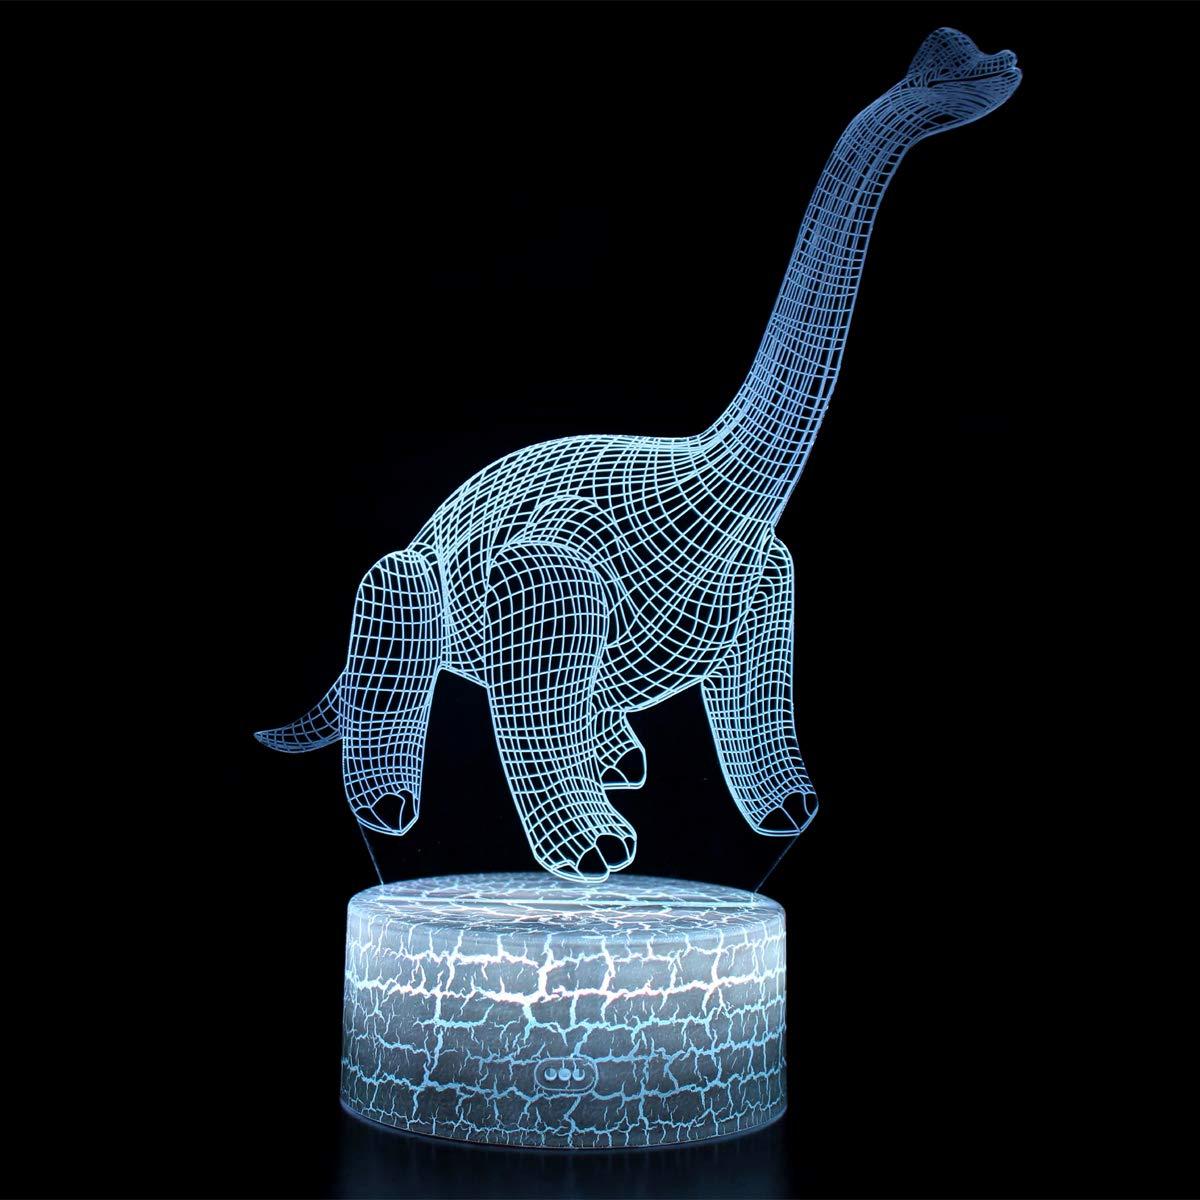 NHSUNRAY 3D Dinosaurio Luz de Noche L/ámpara de Ilusi/ón Dinosaurio LED Con Interruptor T/áctil L/ámpara de Noche 7 Colores L/ámpara de Decoraci/ón de Cumplea/ños San Valent/ín Regalo Para Ni/ño y Adult